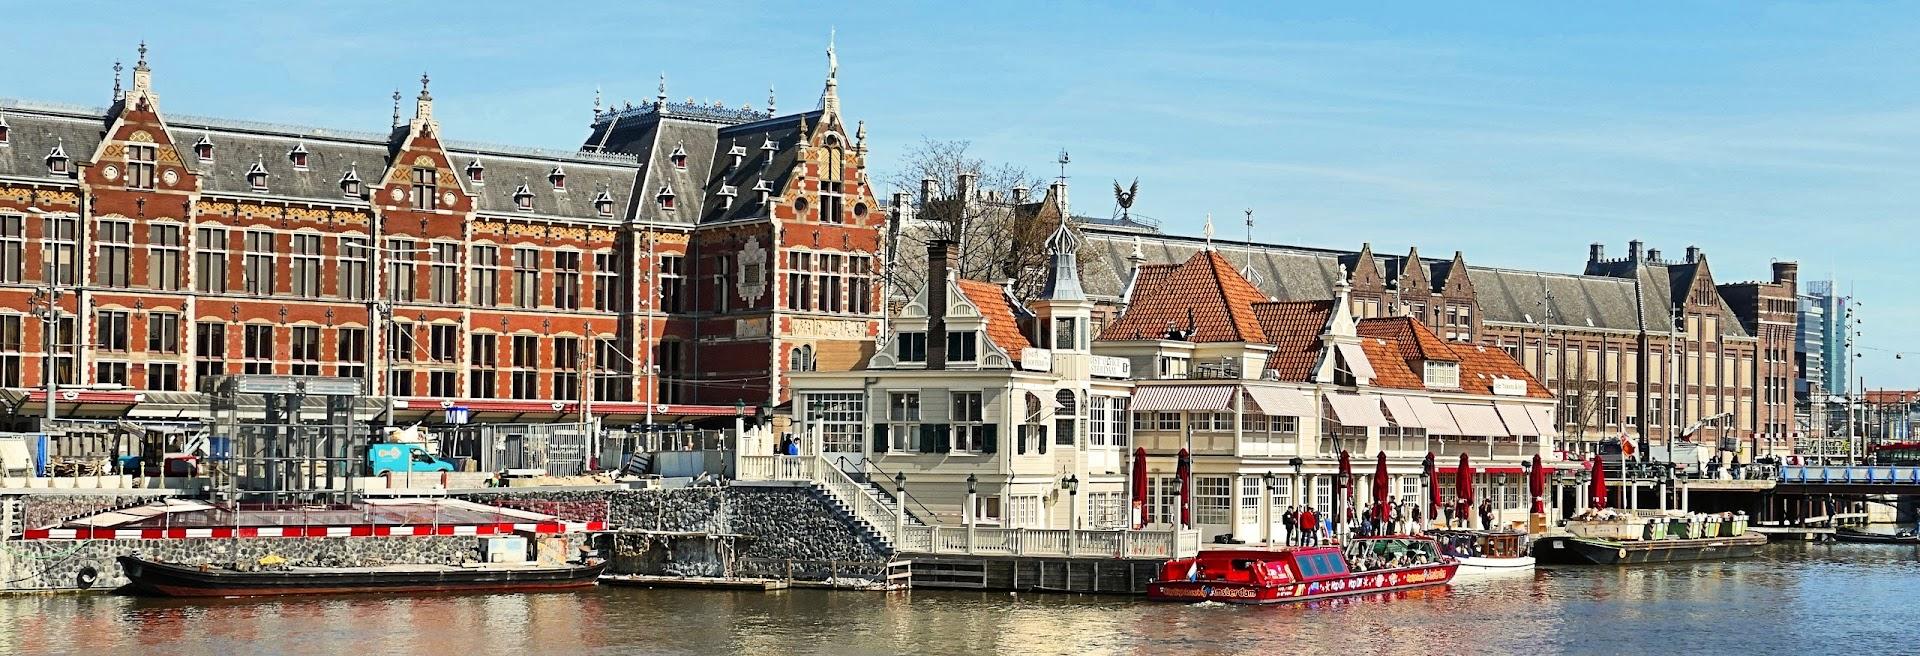 Aangeboden door: Stichting Microtoerisme InZicht Fotoblog Amsterdam smits koffiehuis noord zuid hollandsch loetje centraal station